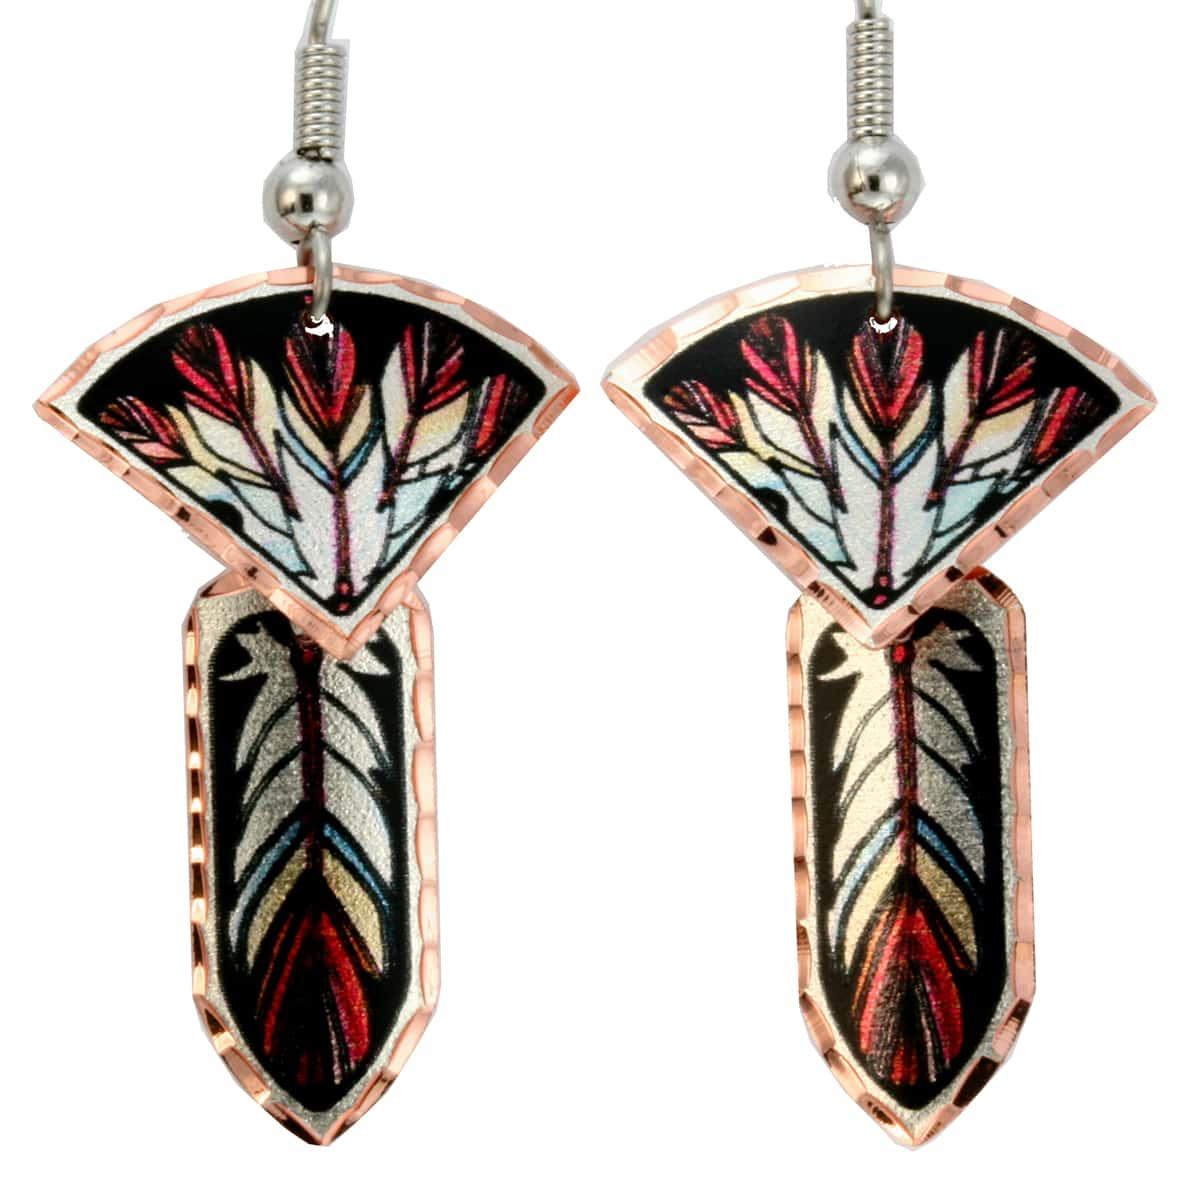 Buy Unique Earrings for Women, Dangle Feather Art Earrings